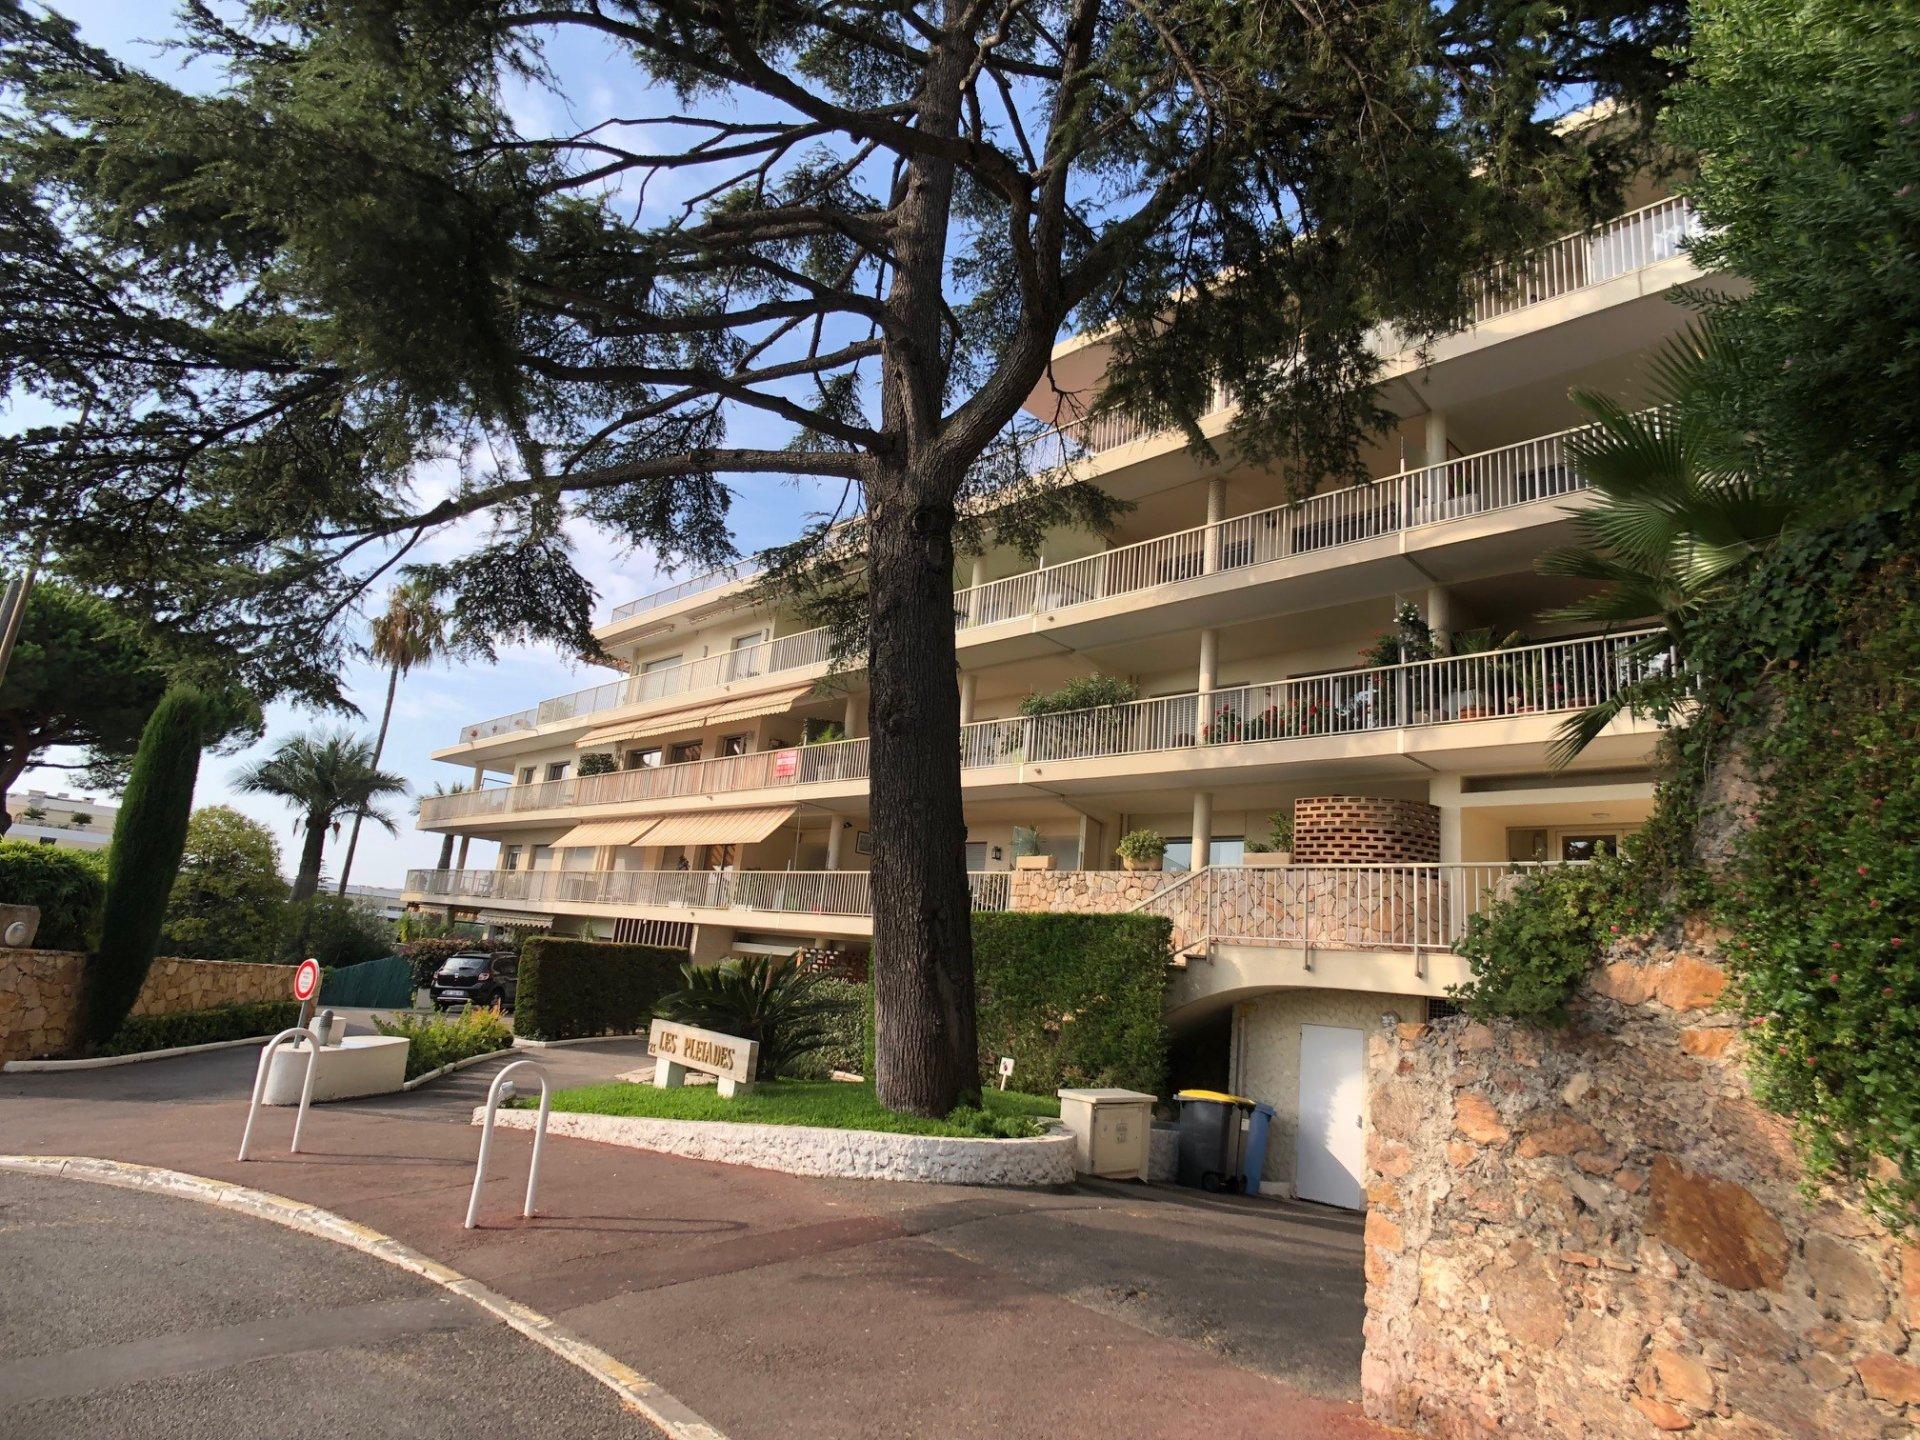 Bas Cannes Croix des Gardes, 5 minutes à pied de la mer